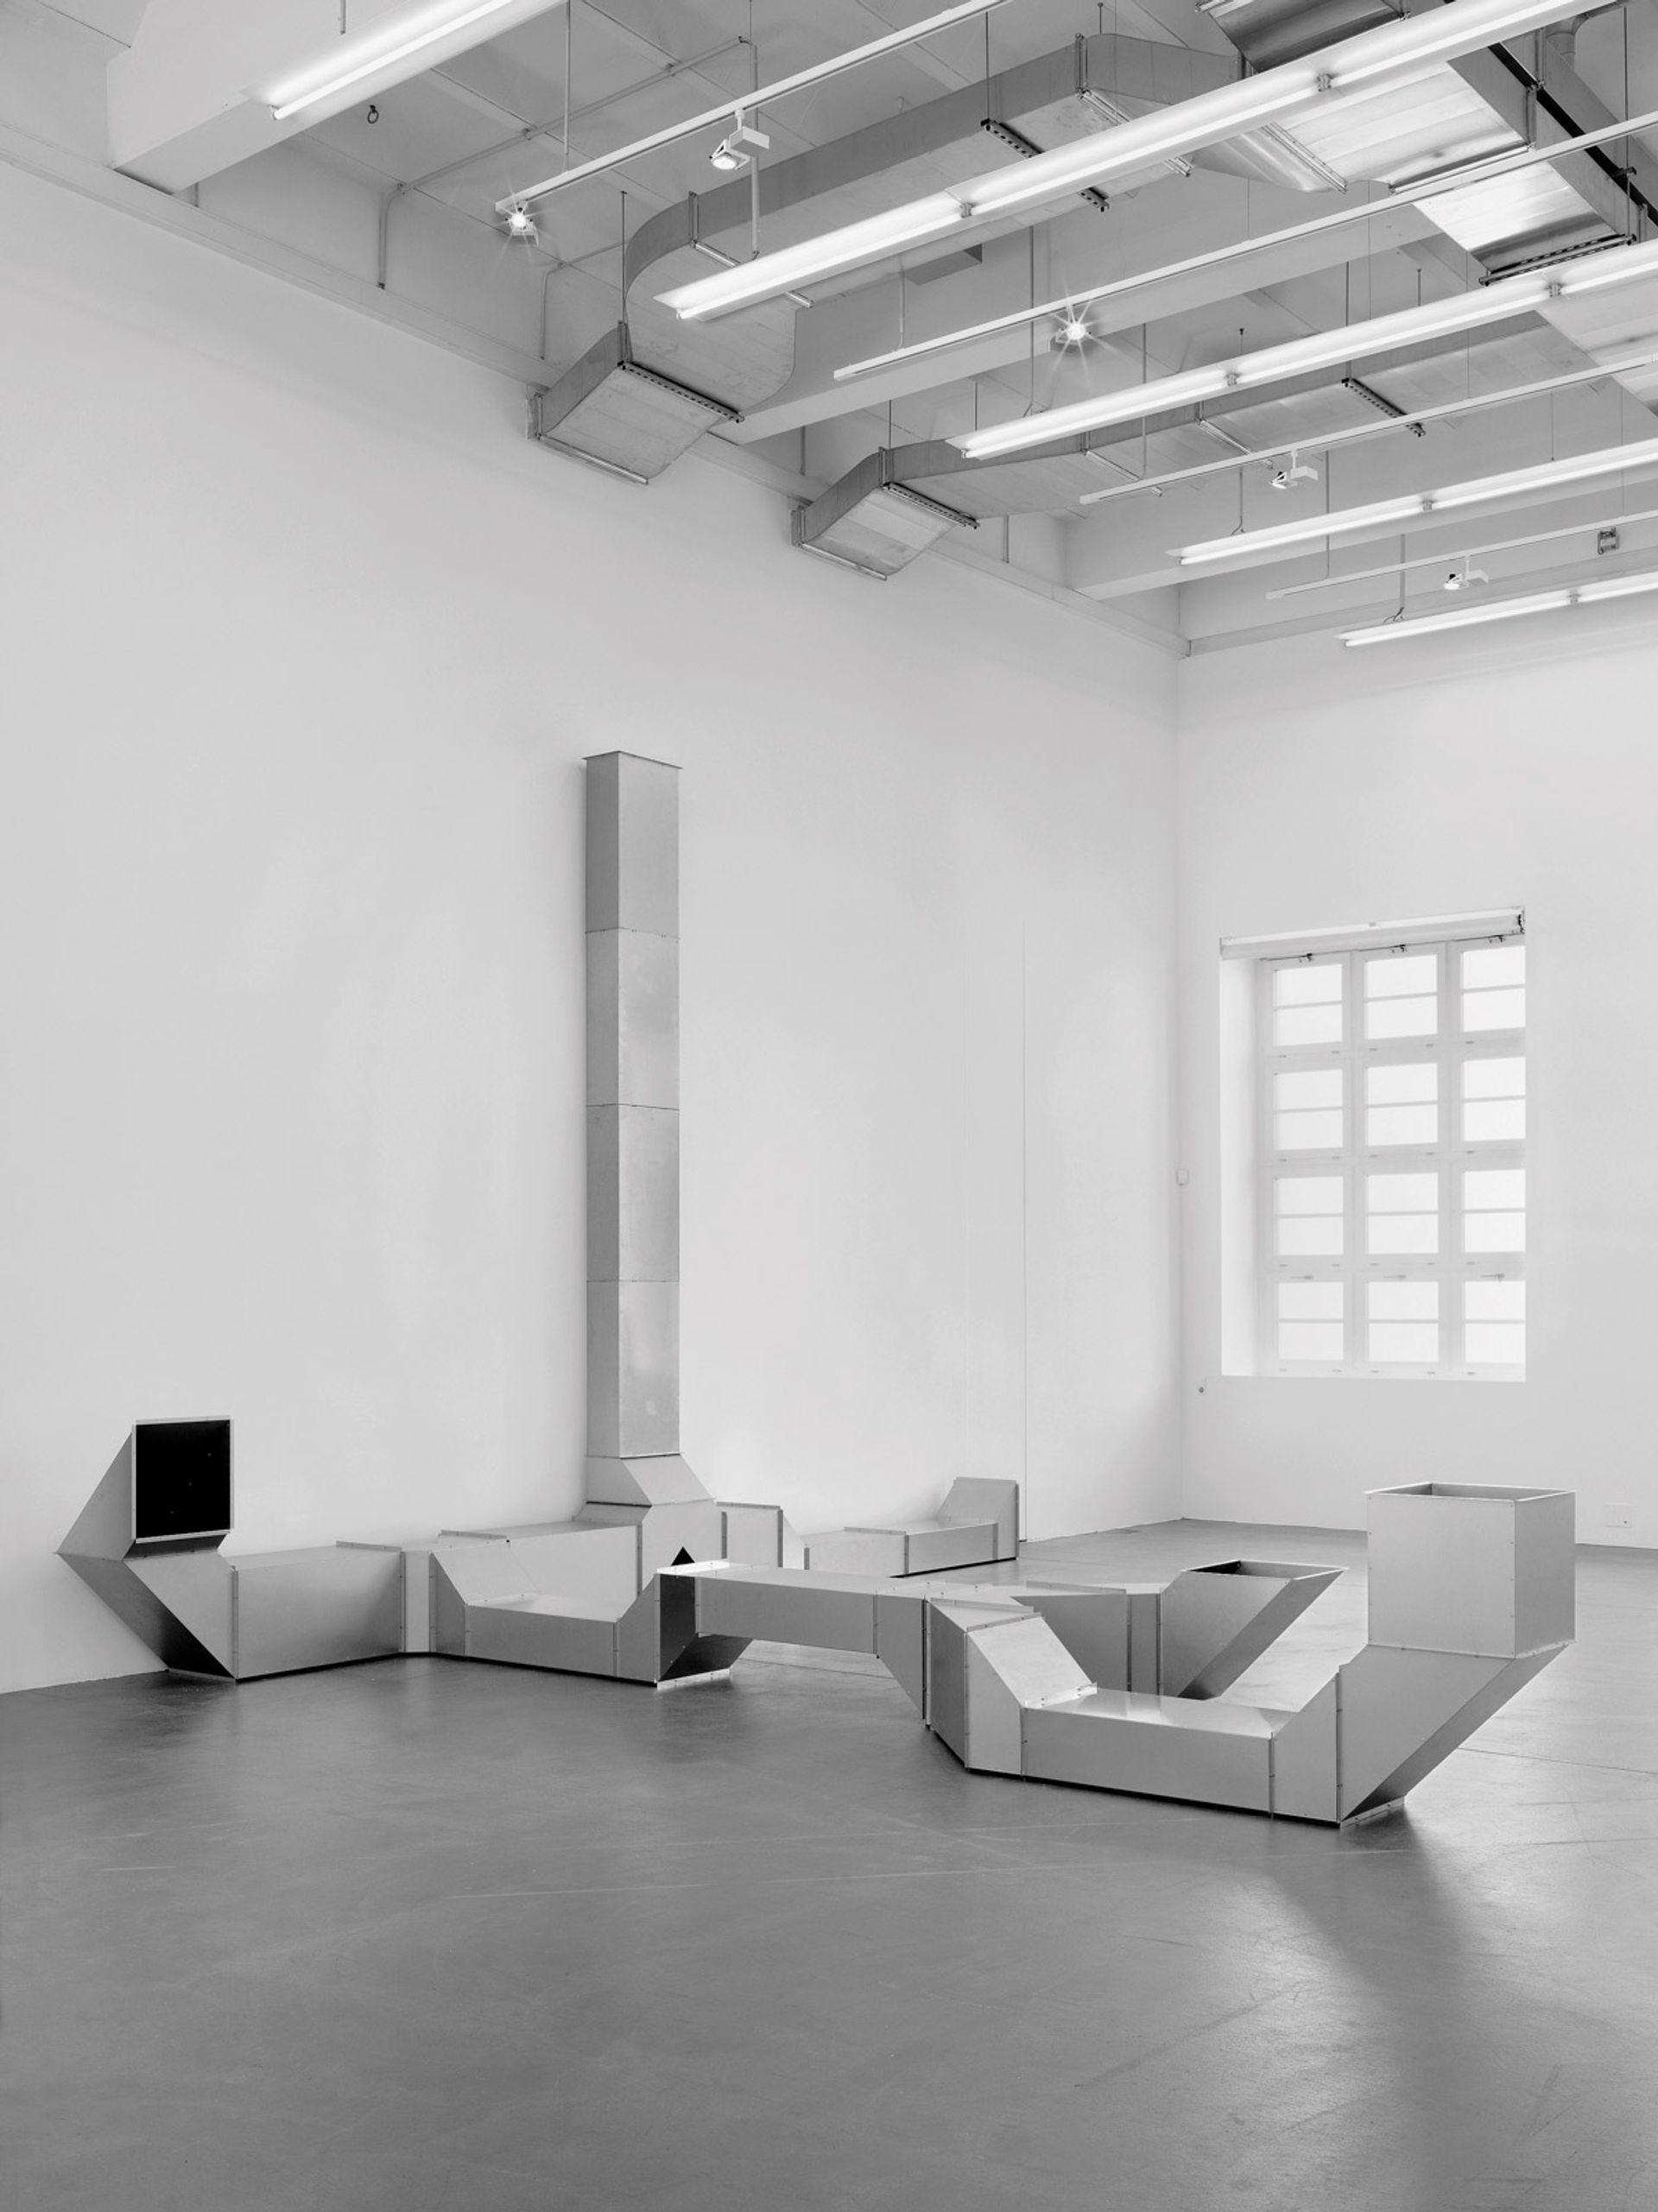 Charlotte Posenske's Vierantrohr (Square Tubes [Series D]) (1967) © Estate of Charlotte Posenenske.